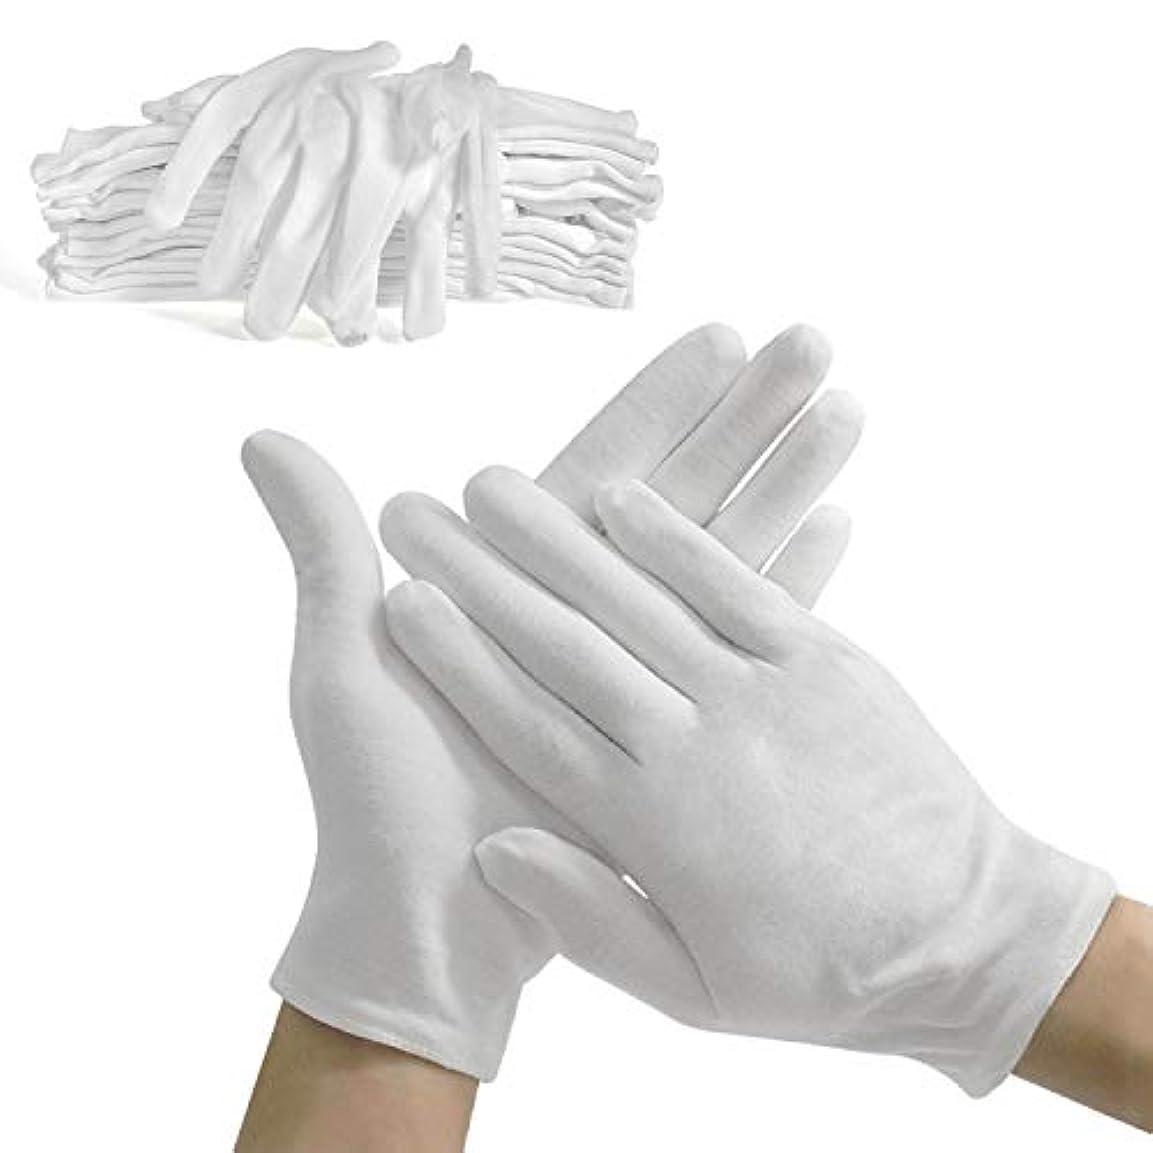 強調ハンカチネコHUOFU綿手袋 手荒れ 純綿100% コットン手袋 使い捨て 白手袋 薄手 お休み 湿疹 乾燥肌 保湿 礼装用 メンズ 手袋 レディース 8双組(XL)